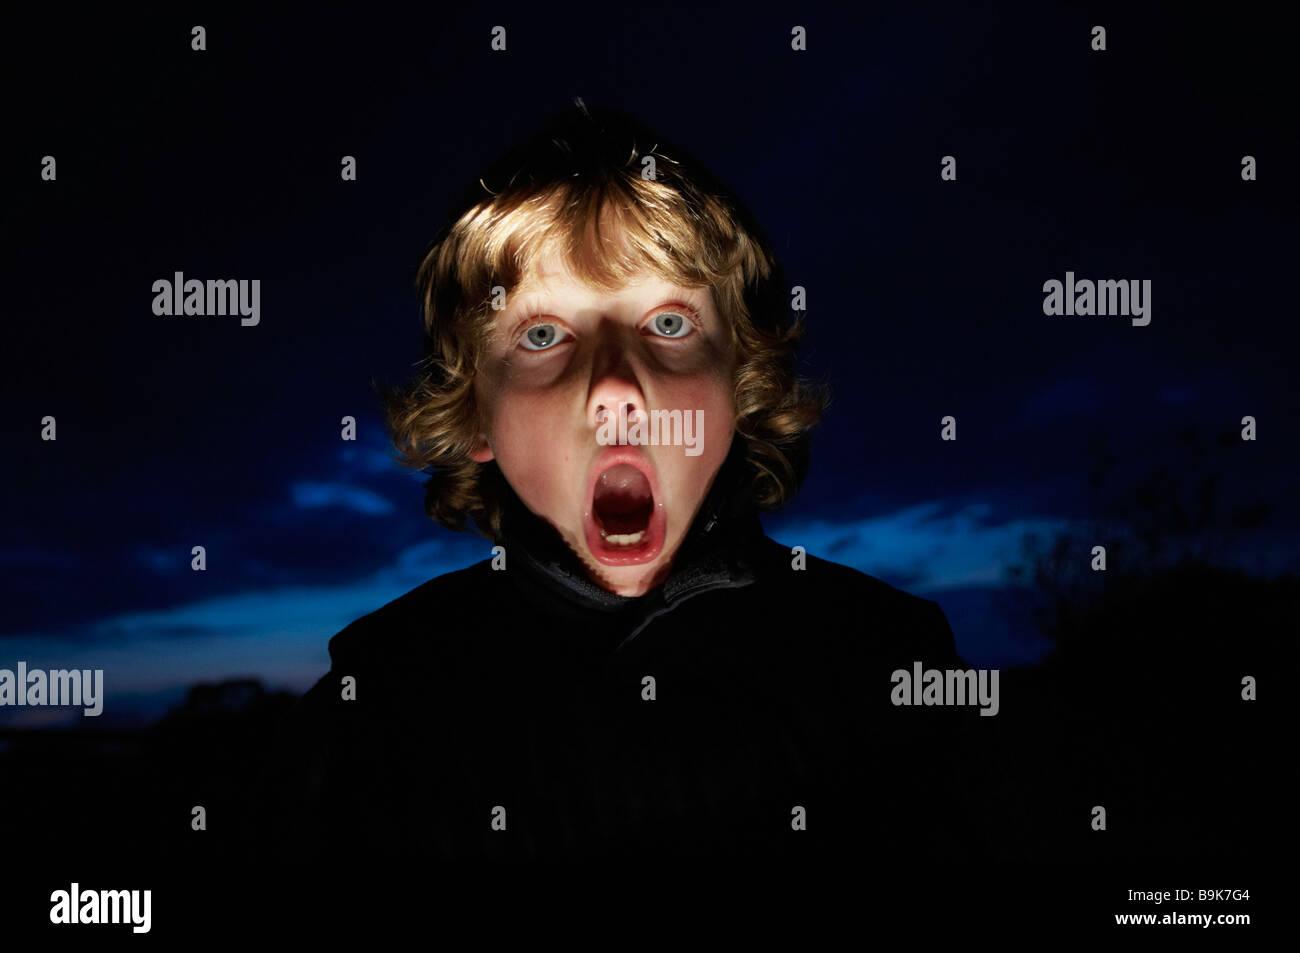 Boy making faces avec torche Banque D'Images